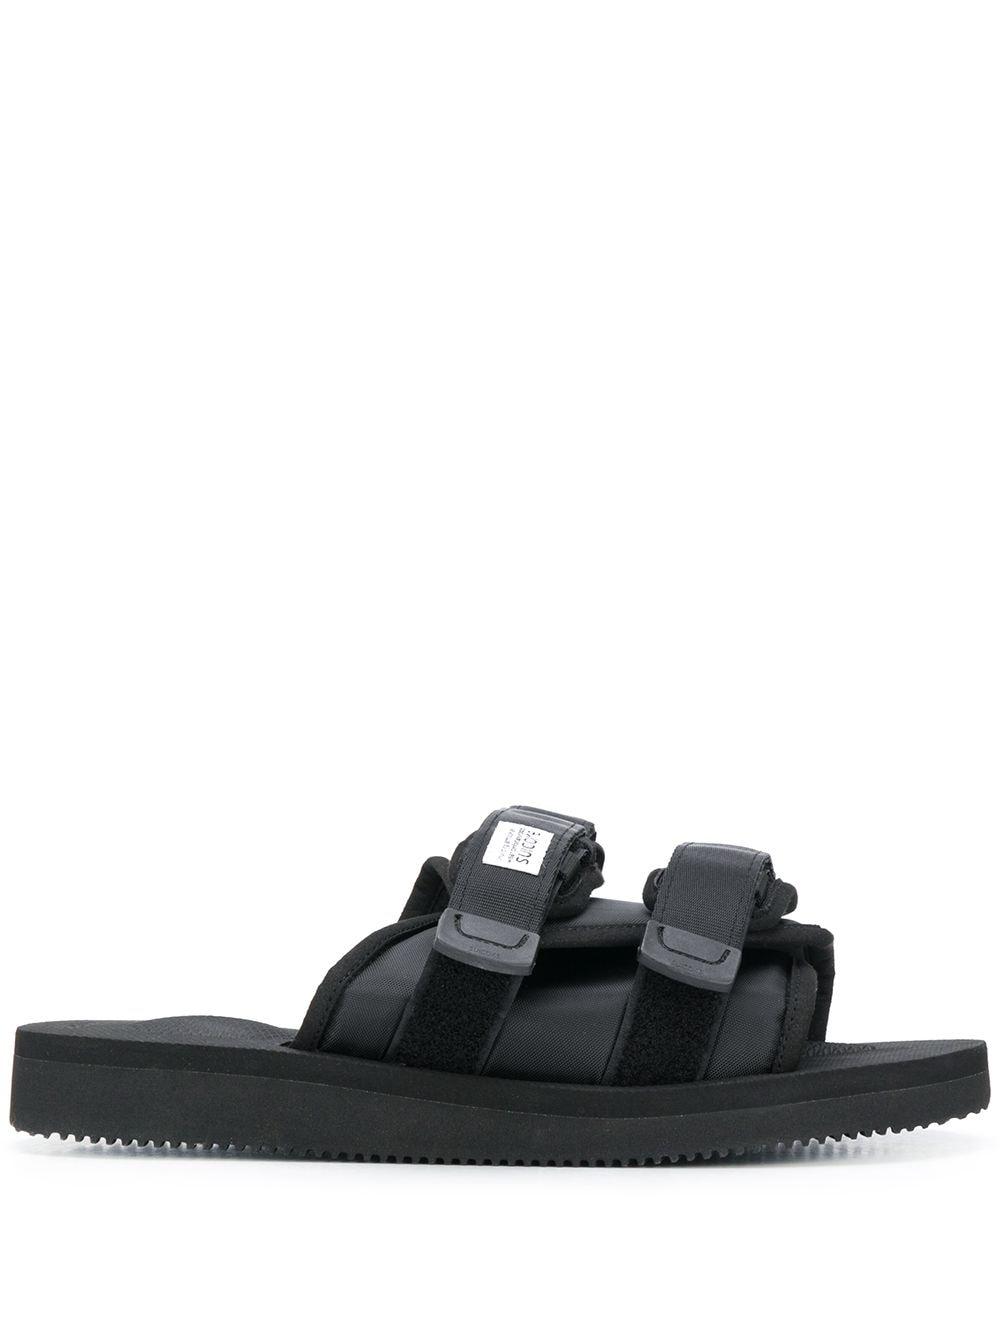 Suicoke moto-cab sandals man black SUICOKE | Sandals | OG-056CAB001